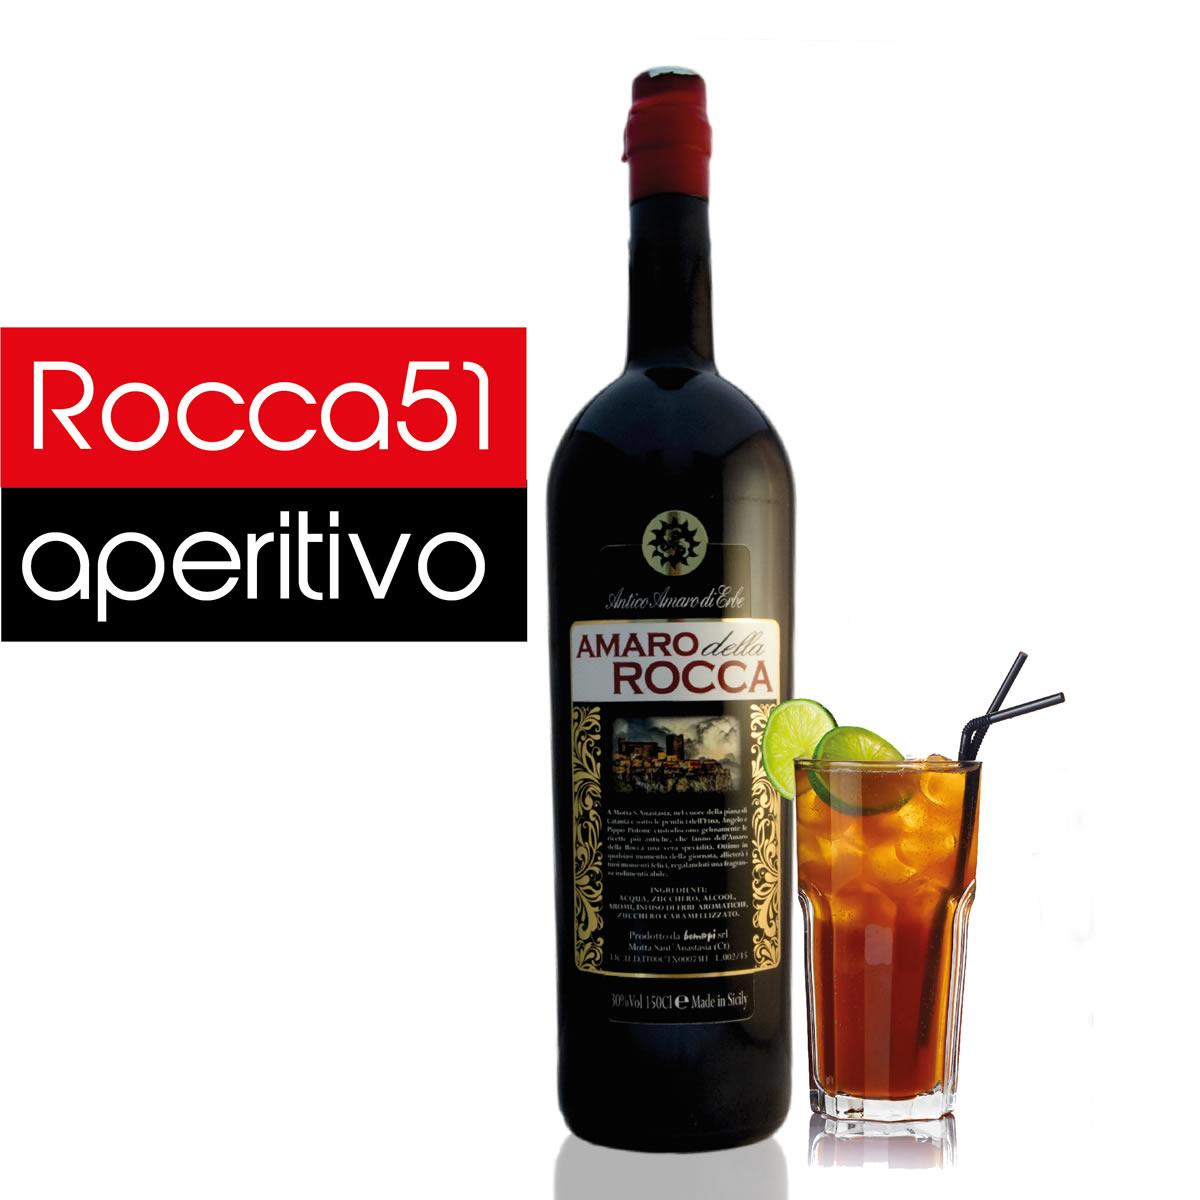 Amaro della Rocca, l'Amaro siciliano che nasce a Motta